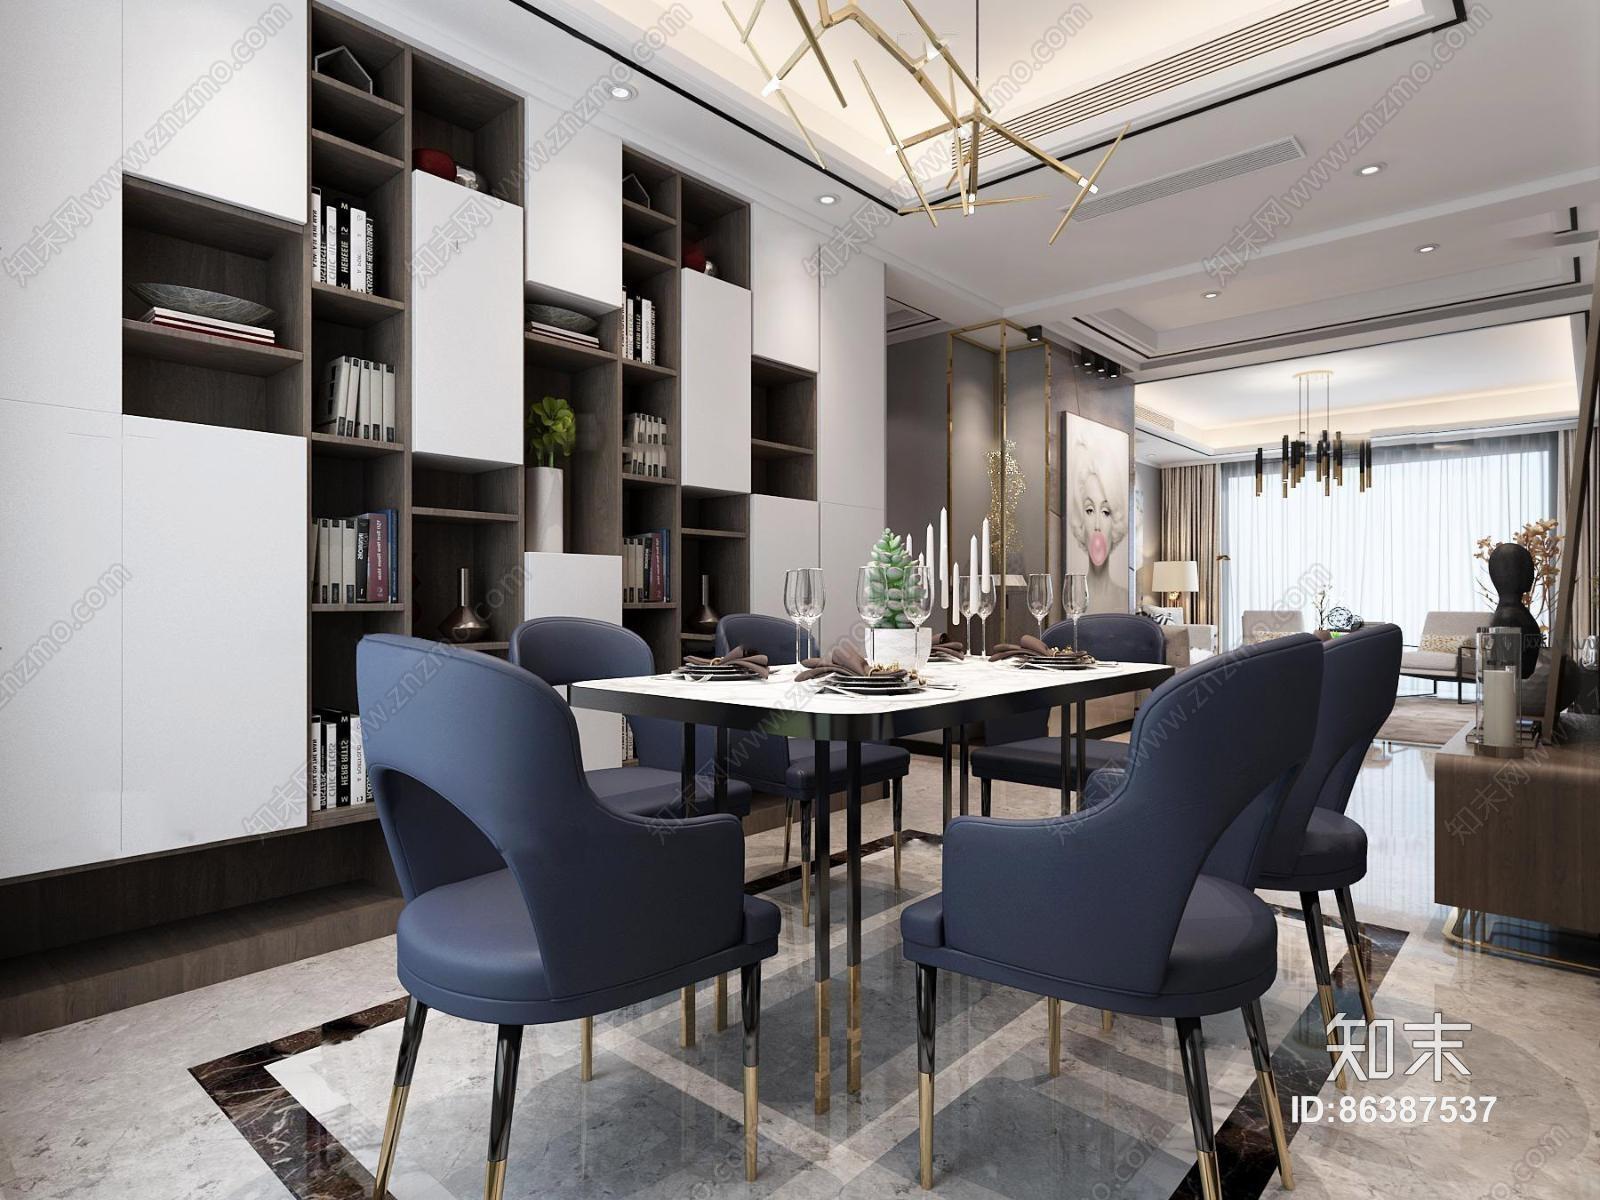 现代客厅餐厅玄关过道 吊灯 台灯 单双人沙发 茶几 挂画 置物架 陈设摆件 书架 玄关 餐桌椅